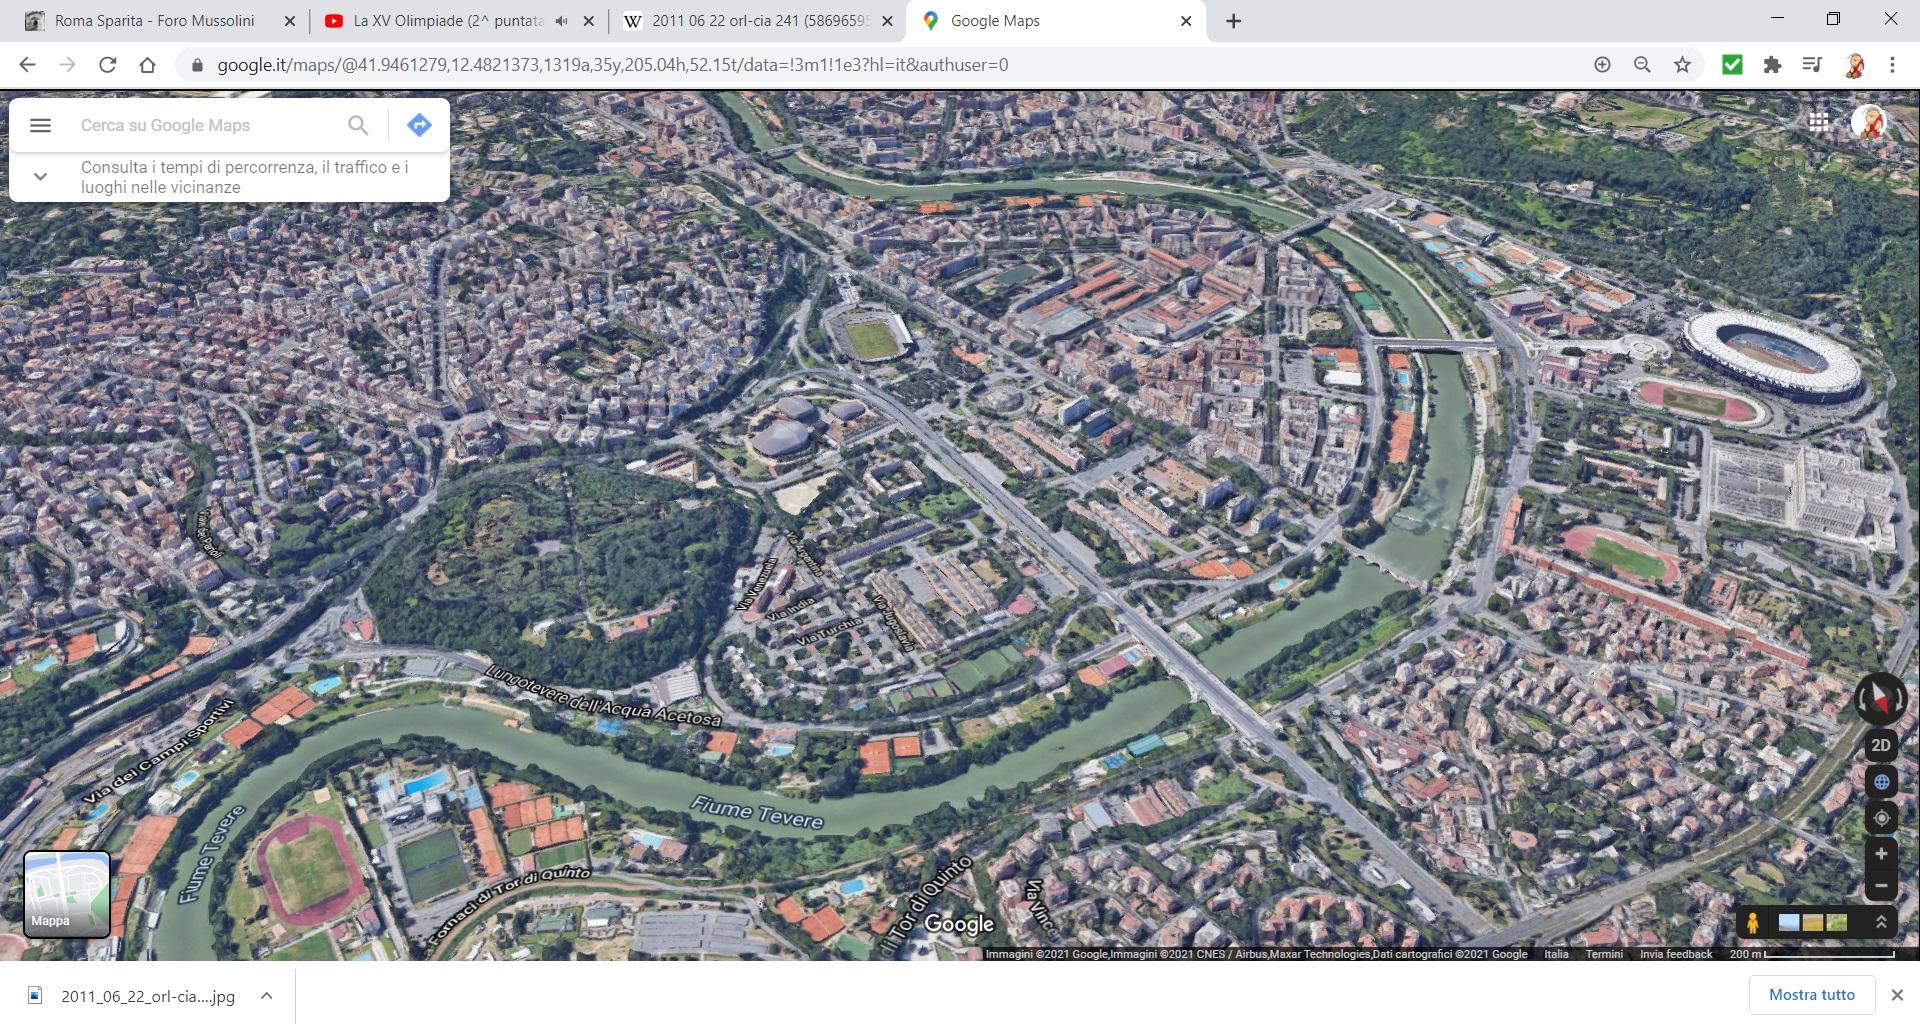 http://www.carrazza.it/wp-content/uploads/2020/12/17-roma-nord-da-muse-a-prati-1.jpg